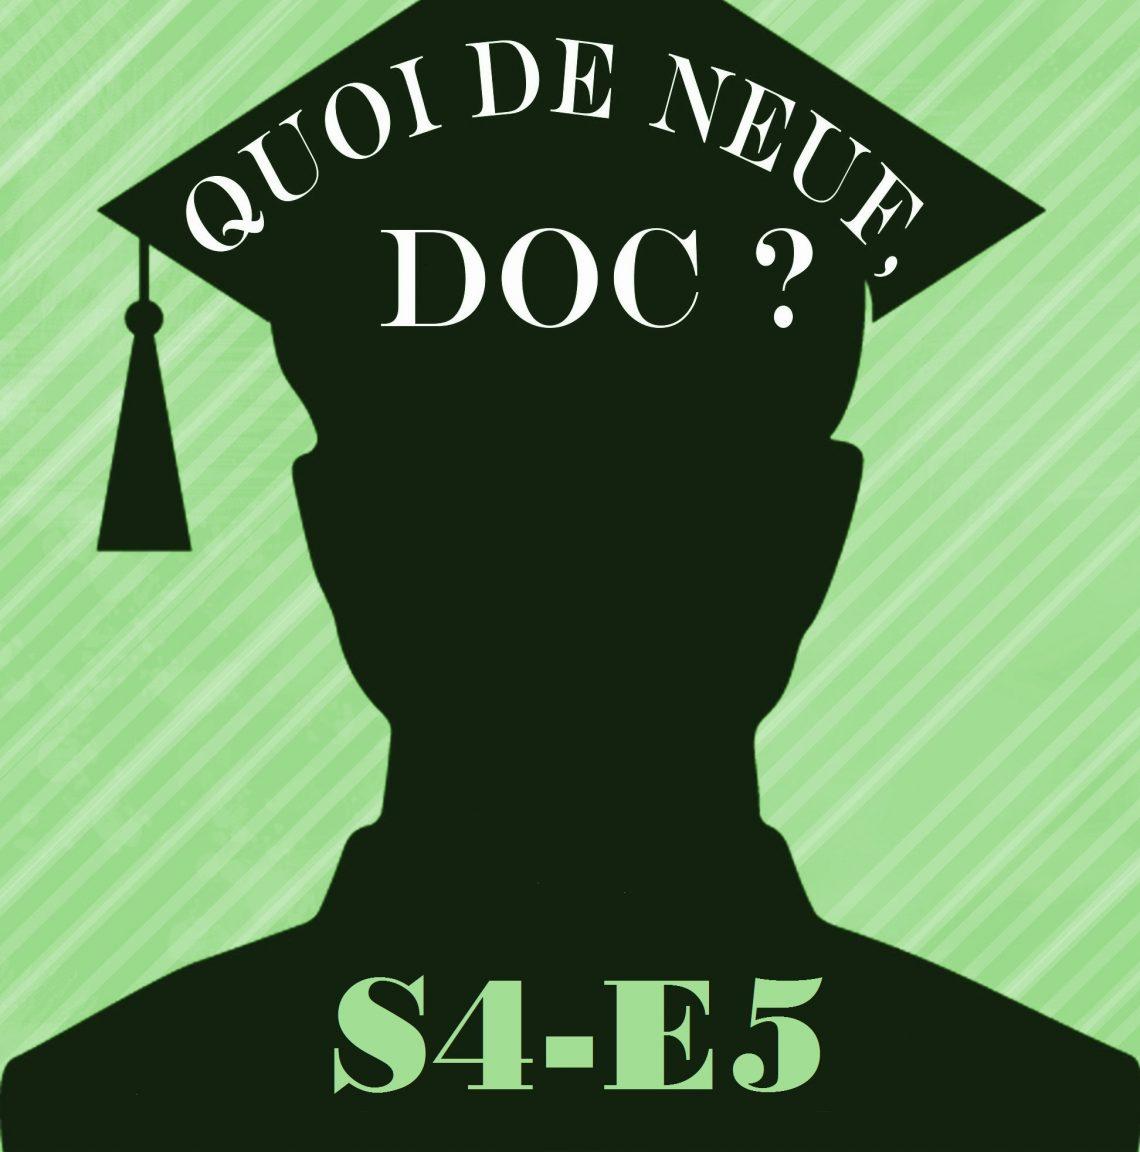 QDND S4E5 émission du 7 Février